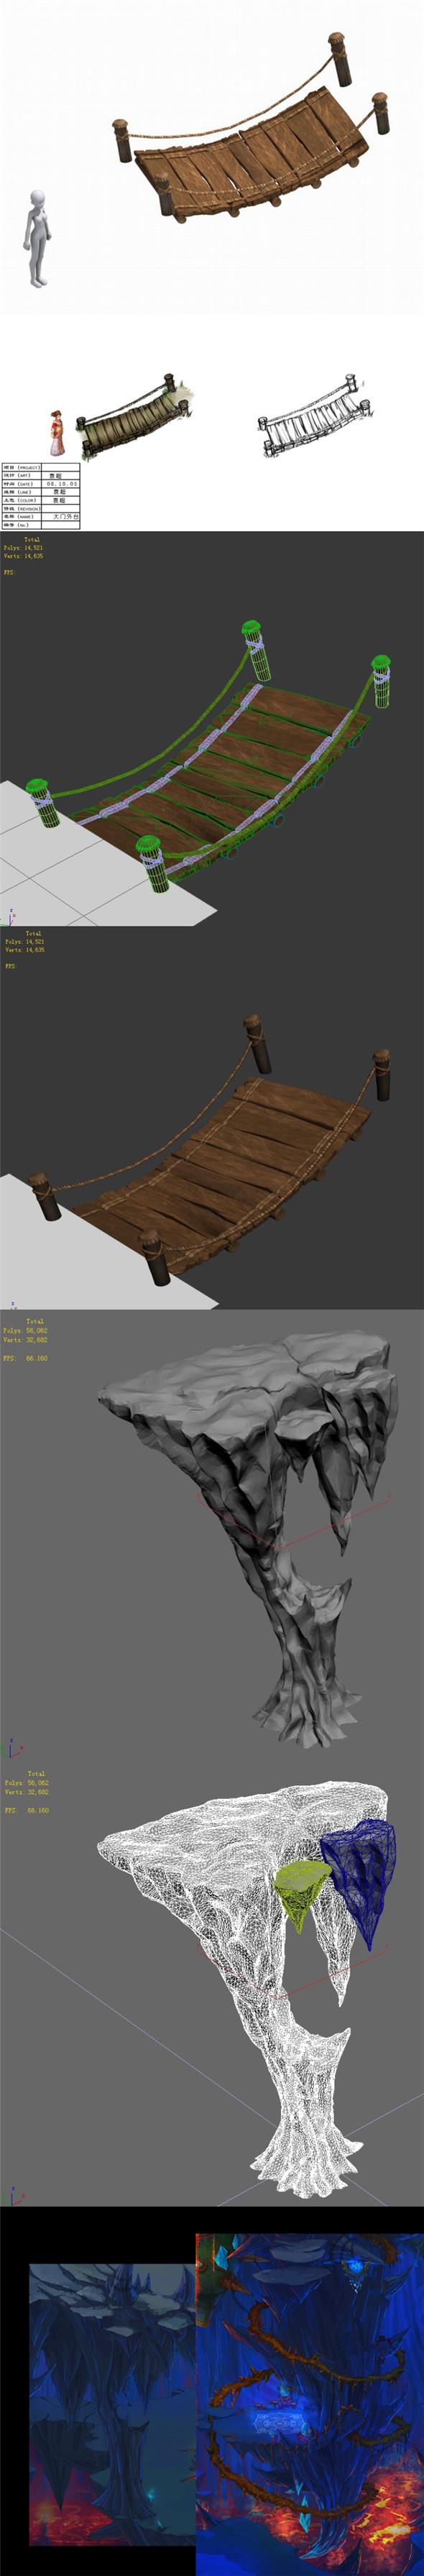 Wood - suspension bridge - 3DOcean Item for Sale